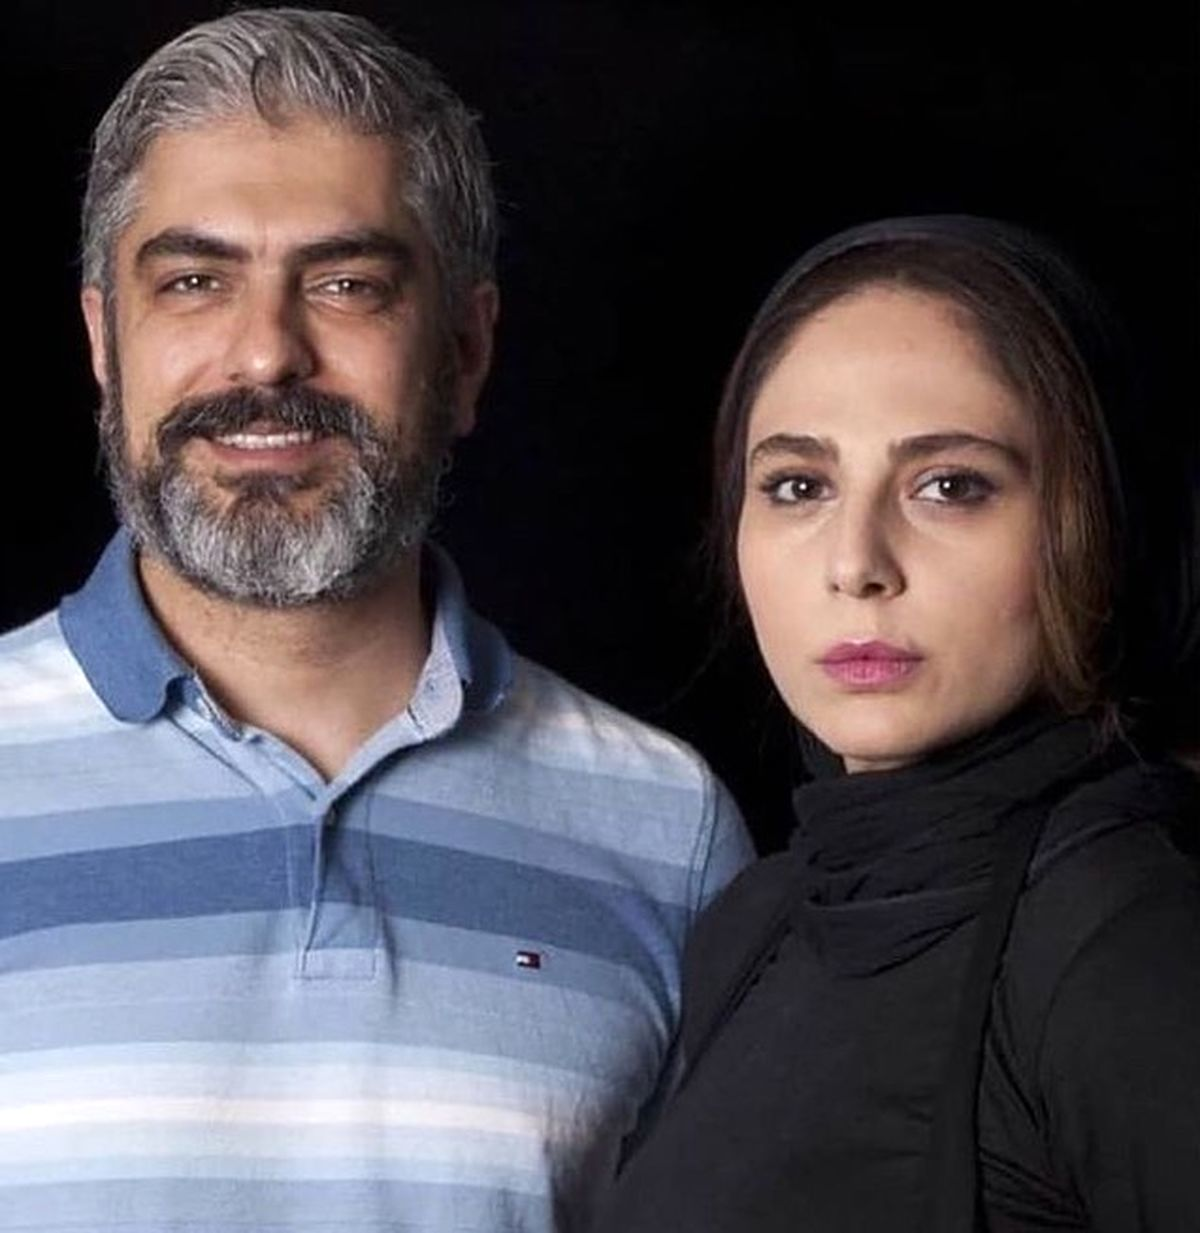 فیلم نامزدی مهدی پاکدل و رعنا آزادی ور پخش شد + فیلم دیدنی